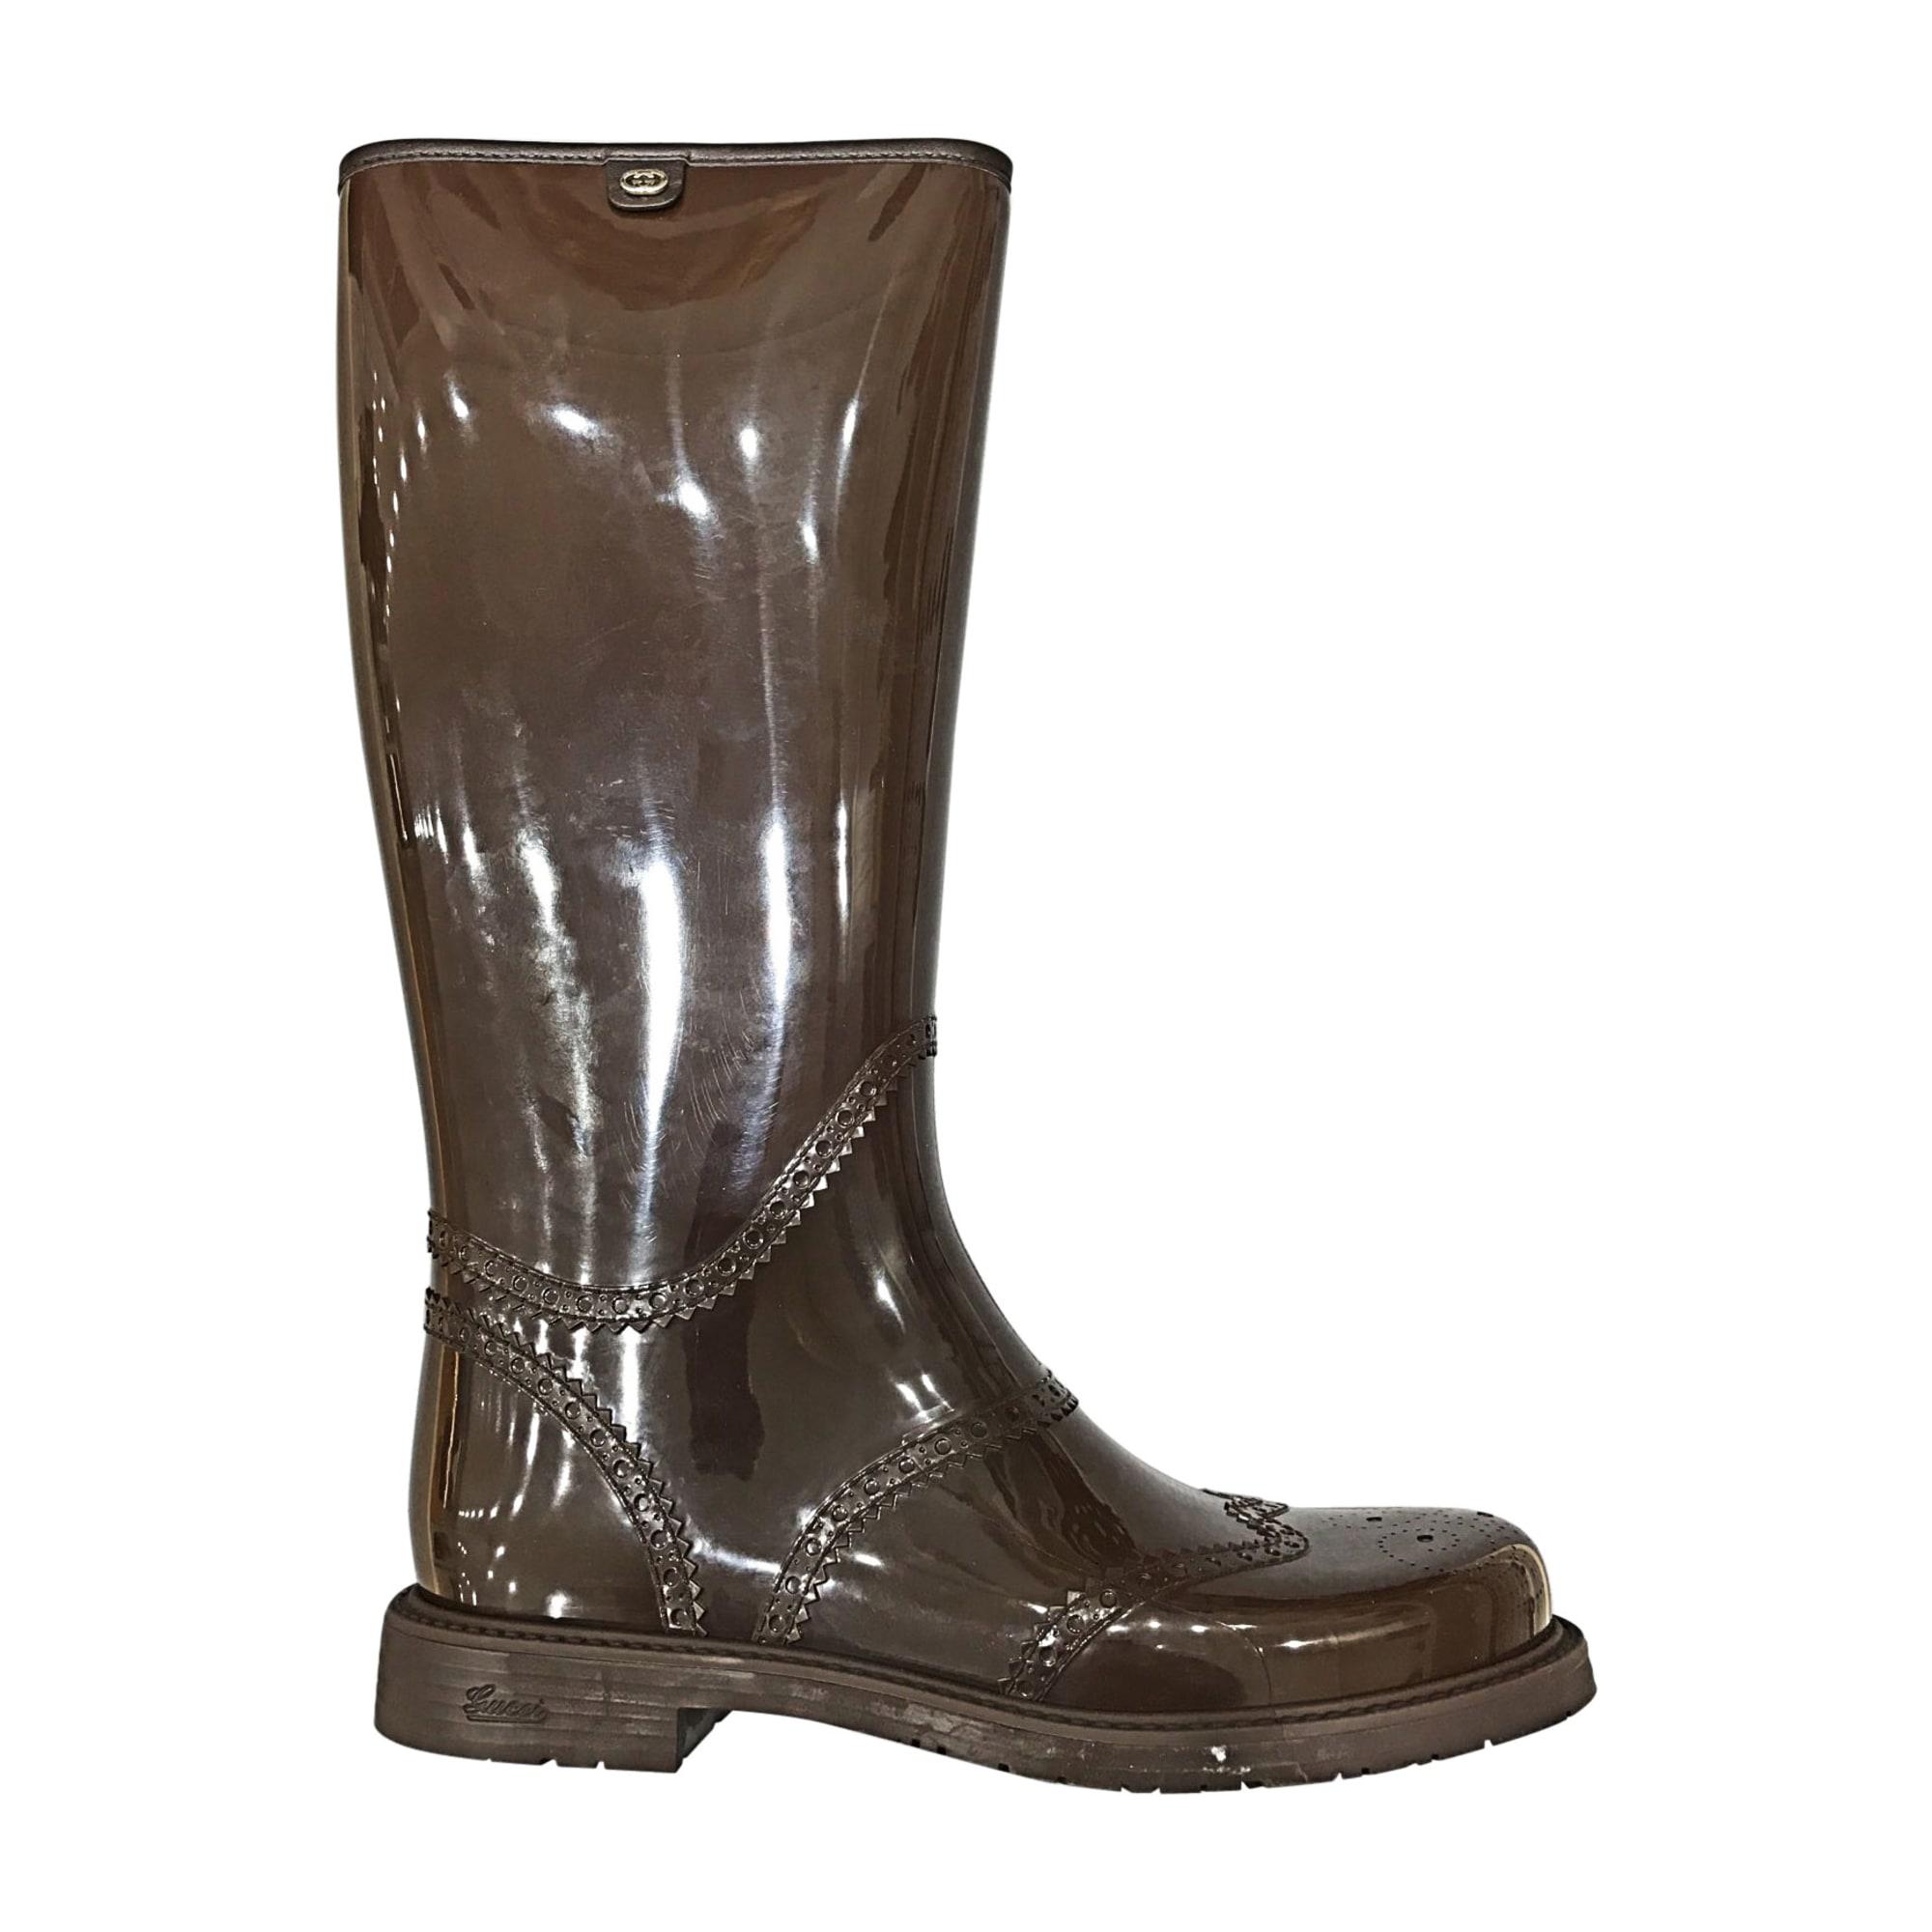 Acheter botte gucci de pluie original pas cher ici en ligne avec le prix le  plus bas possible. Remises spéciales sur les nouvelles offres 2018. 0e1d9531618